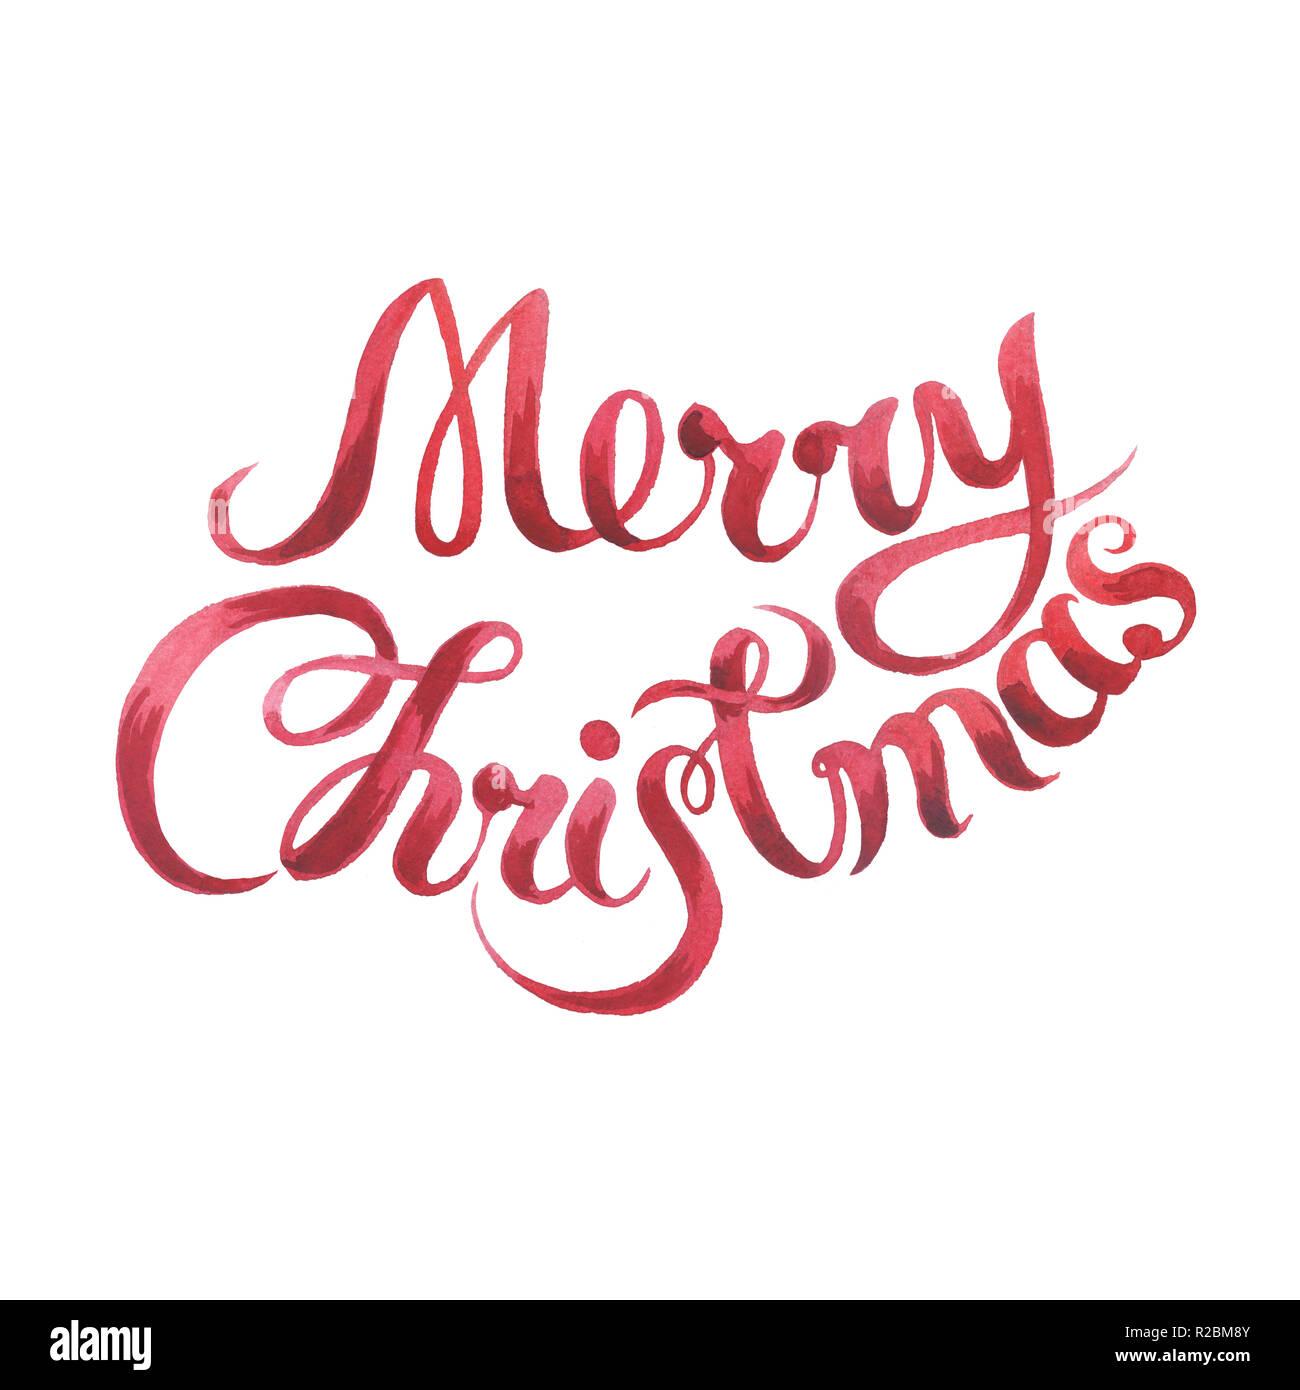 Frohe Weihnachten Schrift.Frohe Weihnachten Kalligraphie Schrift Zeichen Auf Weissem